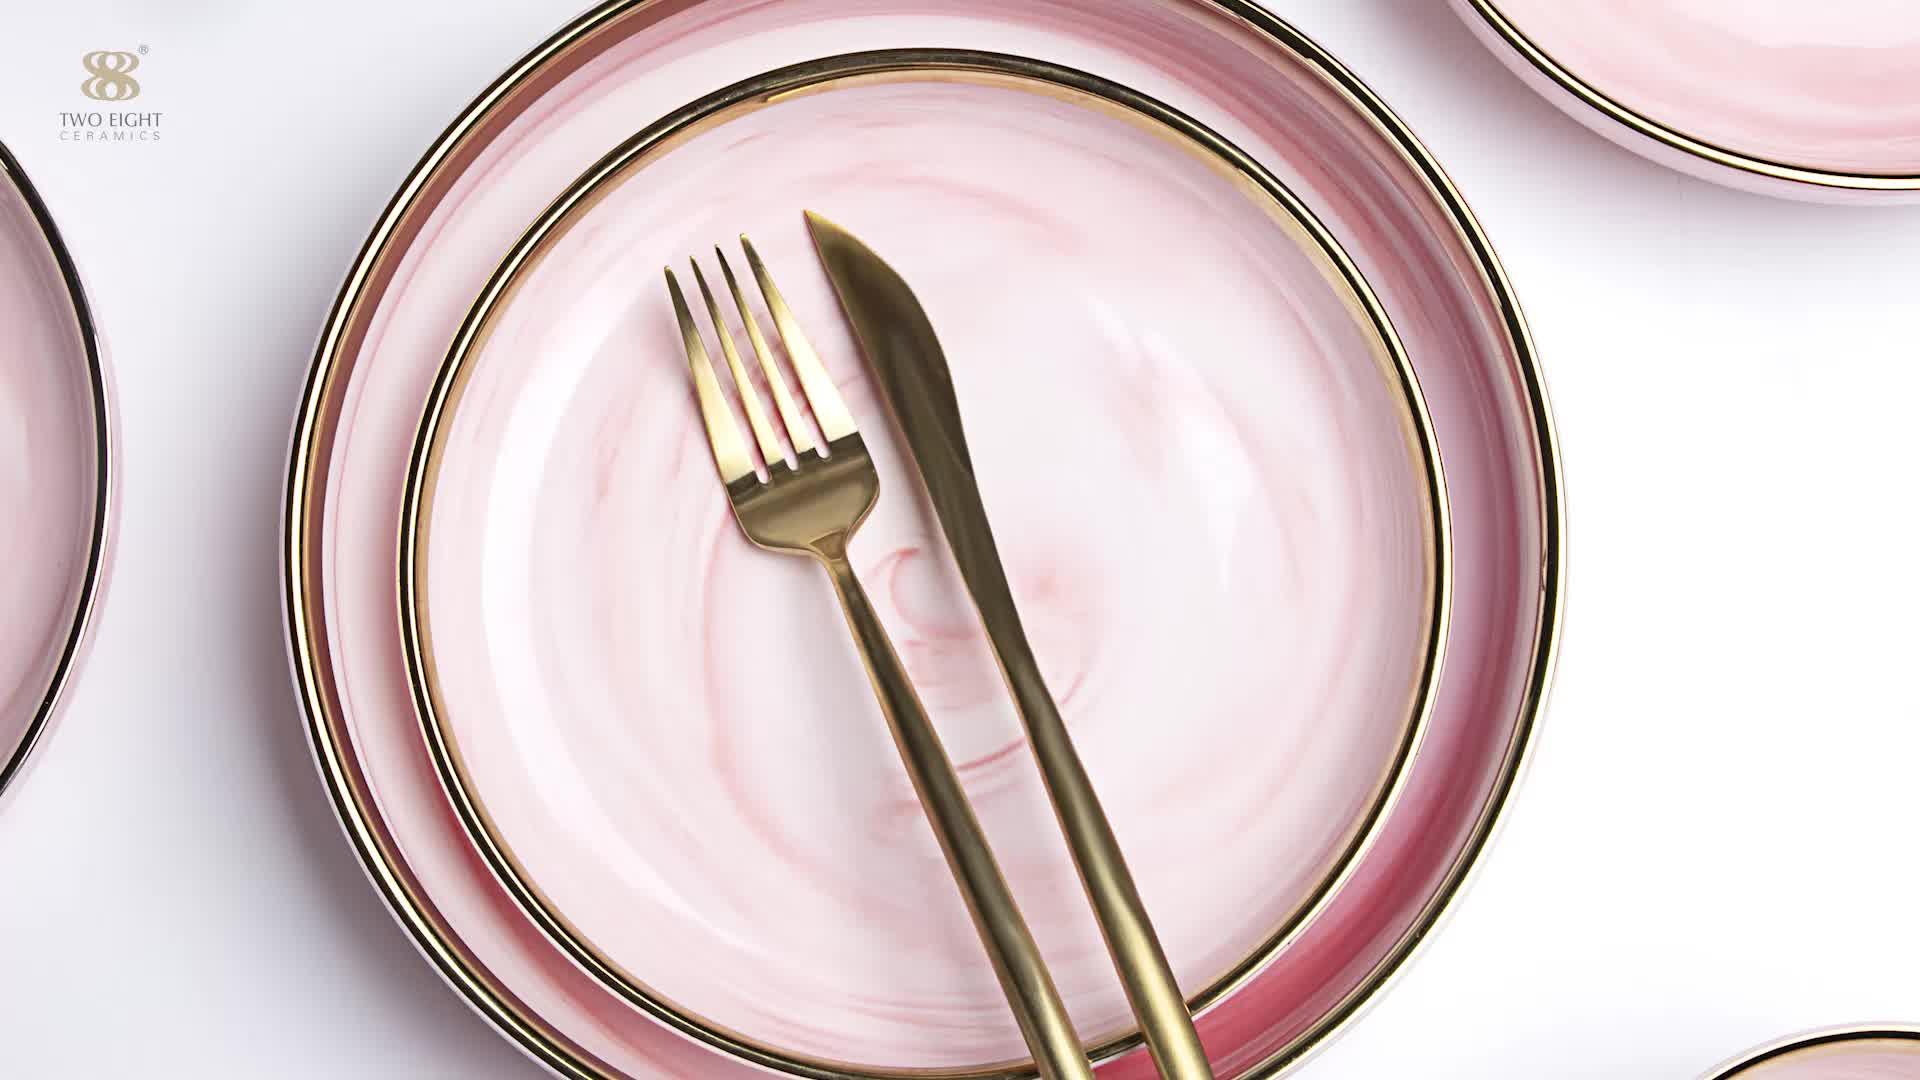 Keramik Abendessen Platten Restaurant Verwenden Gold Luxus Rosa Geschirr, Platte Set Keramik Catering Liefert Gold Marmor Lieferant *